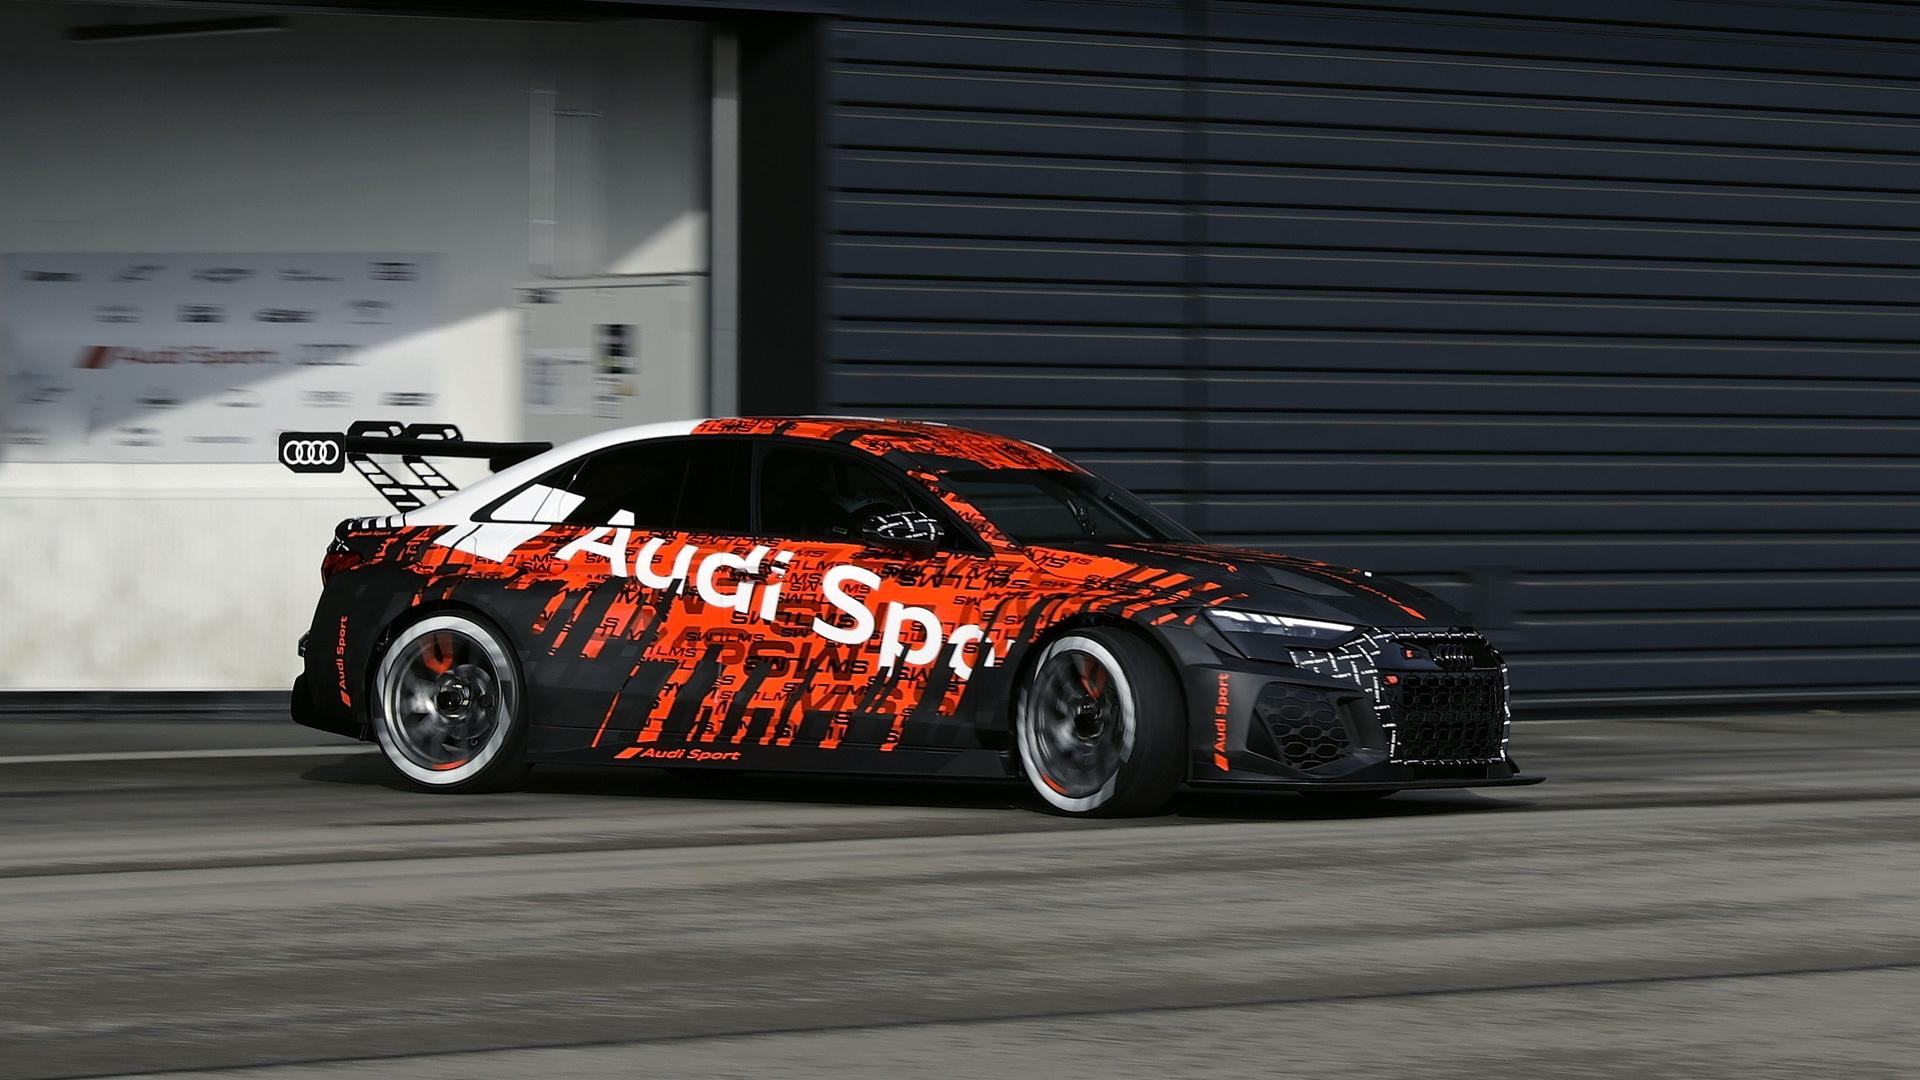 2021 Audi RS 3 LMS race car